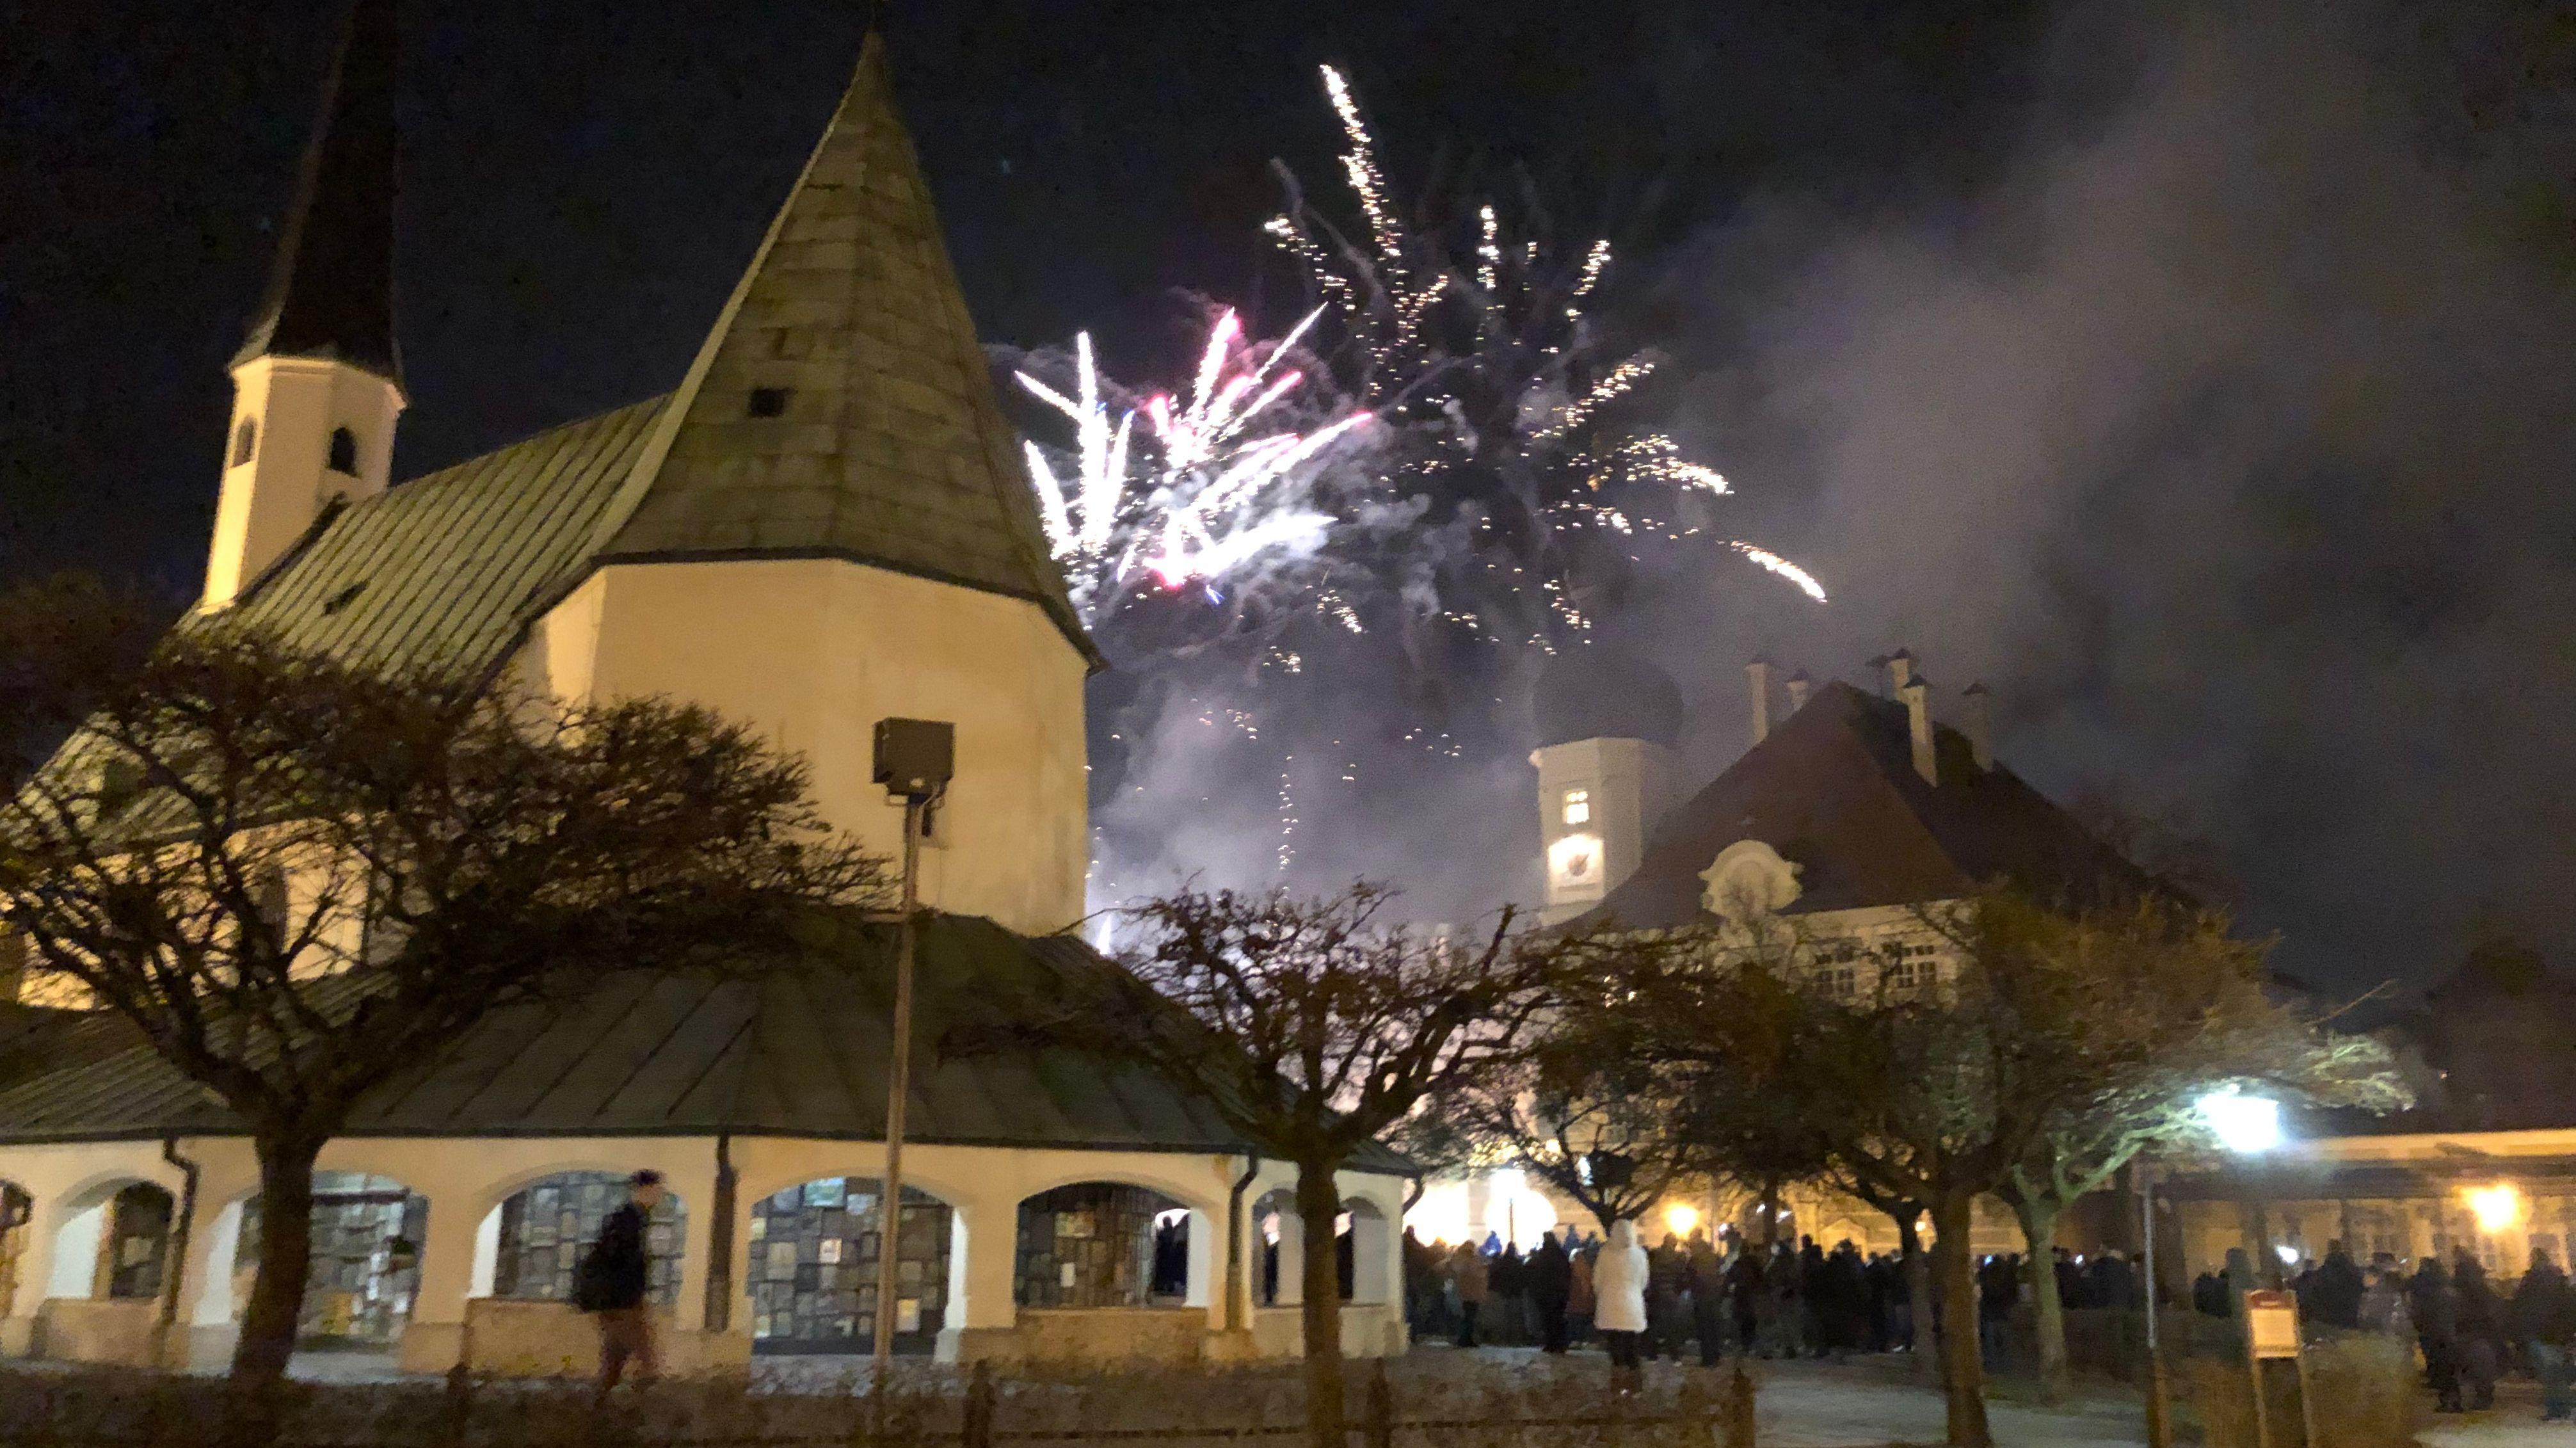 Feuerwerk auf dem Kapellplatz in Altötting